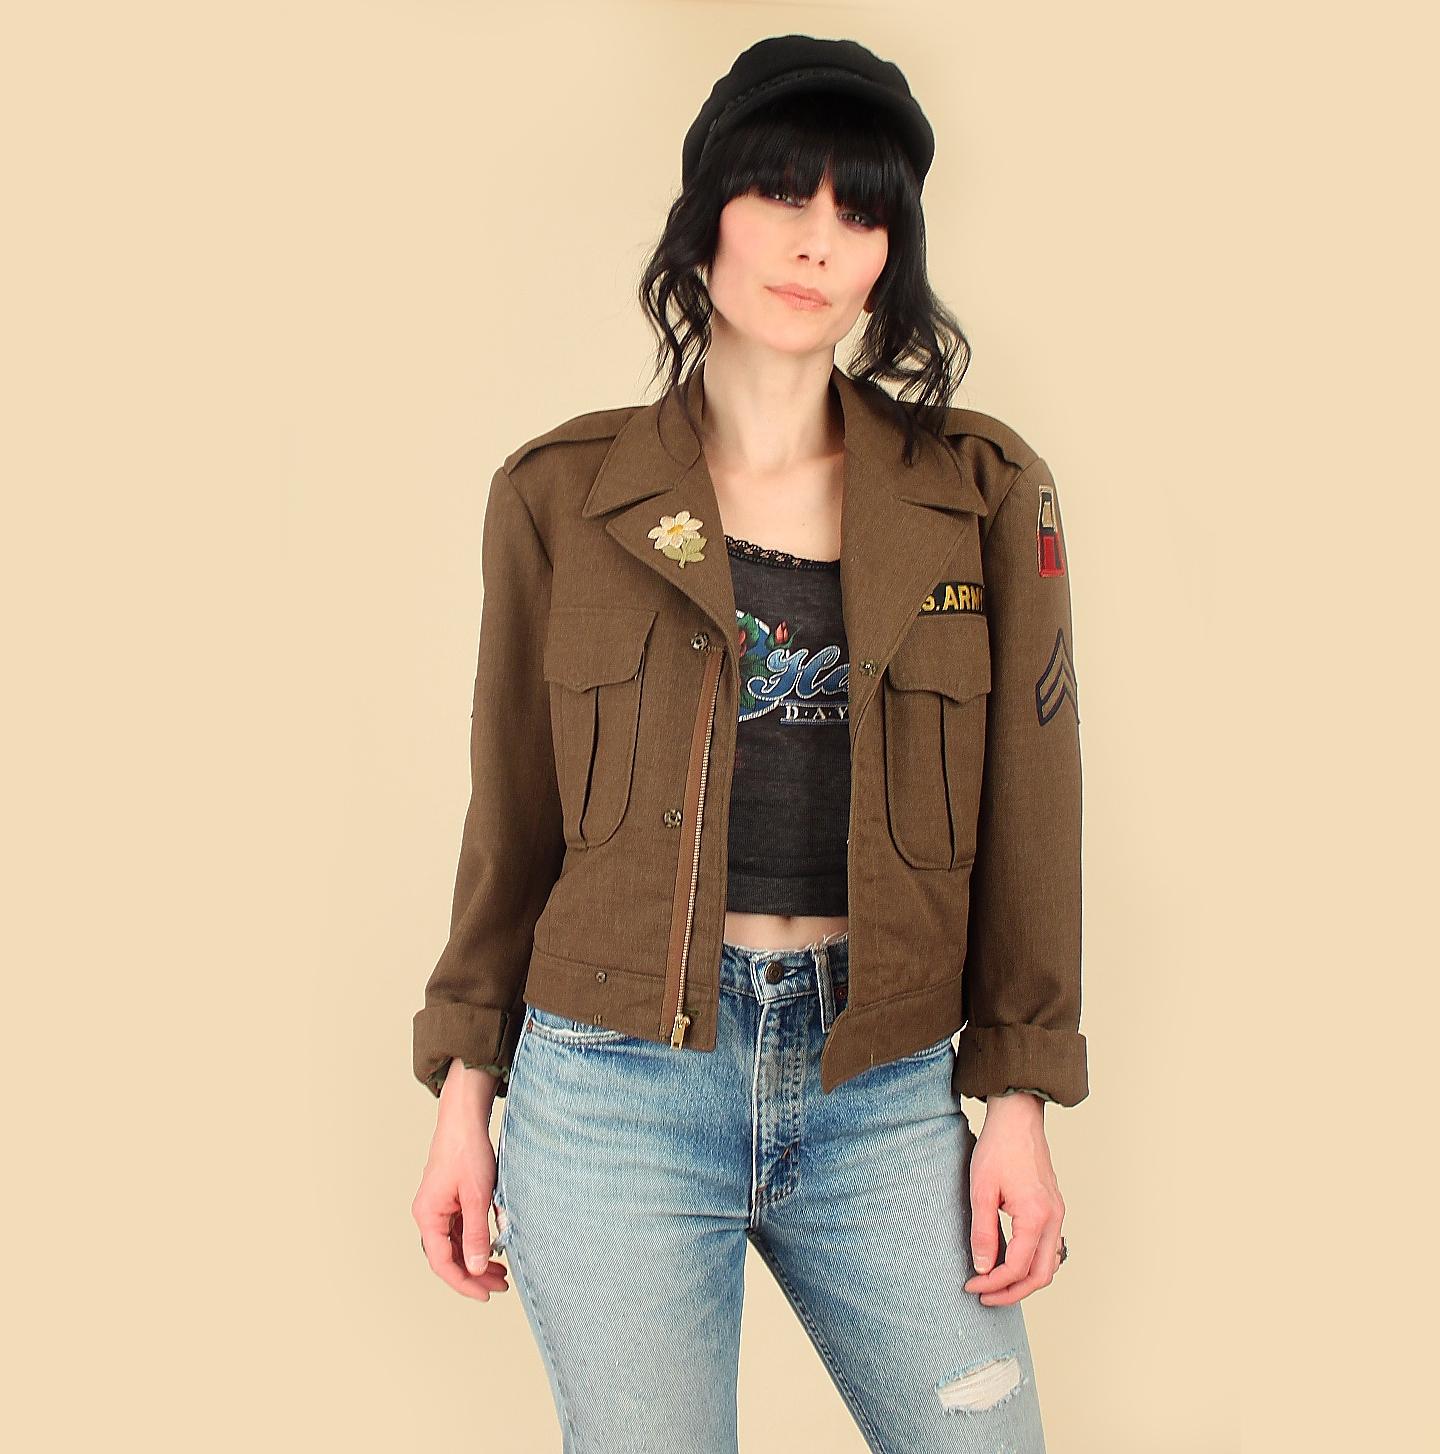 Vintage world war ii jackets